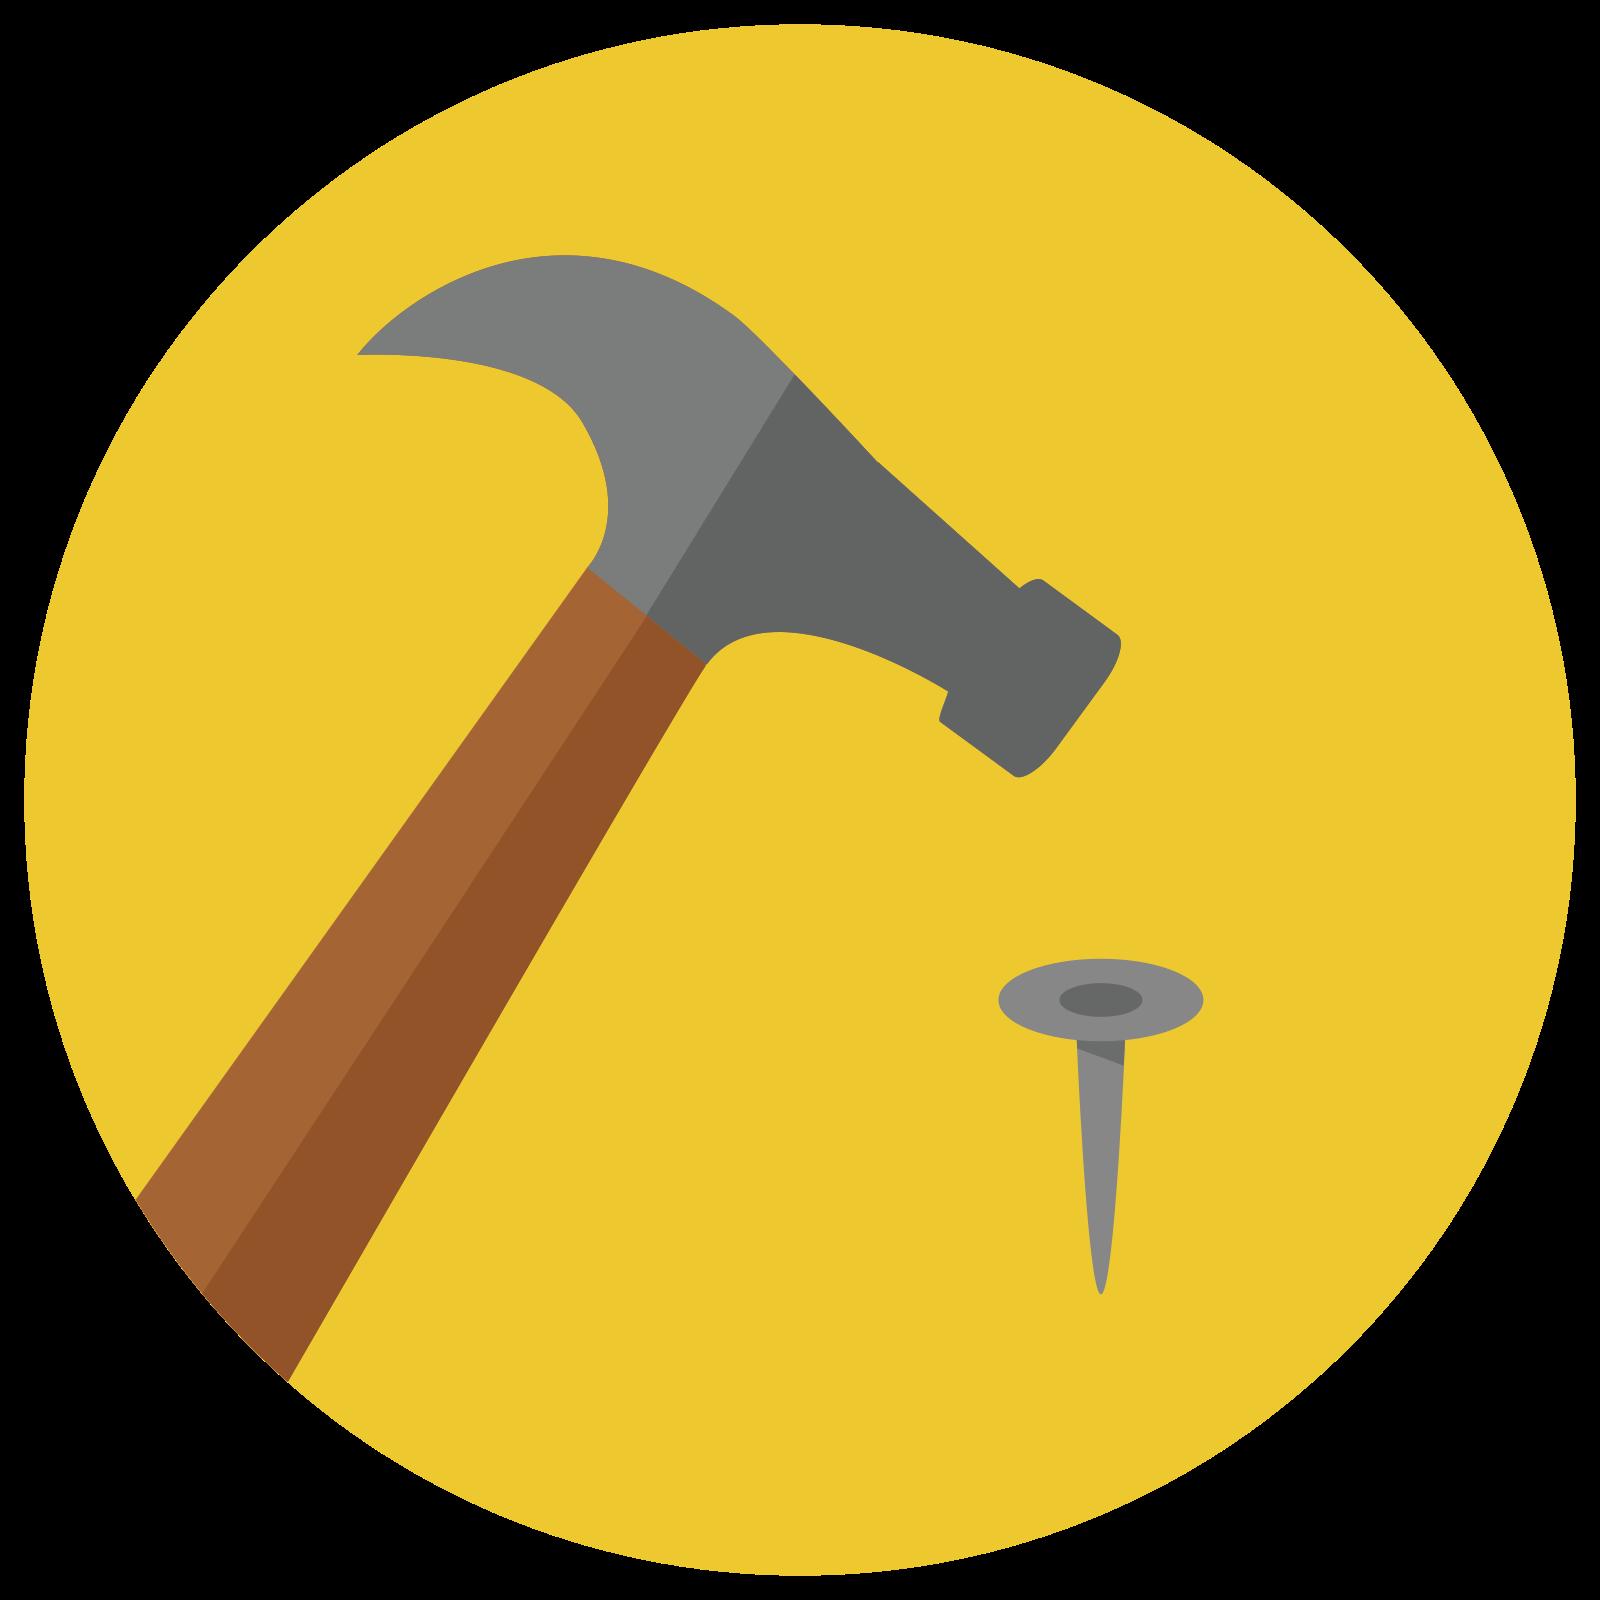 锤子 icon